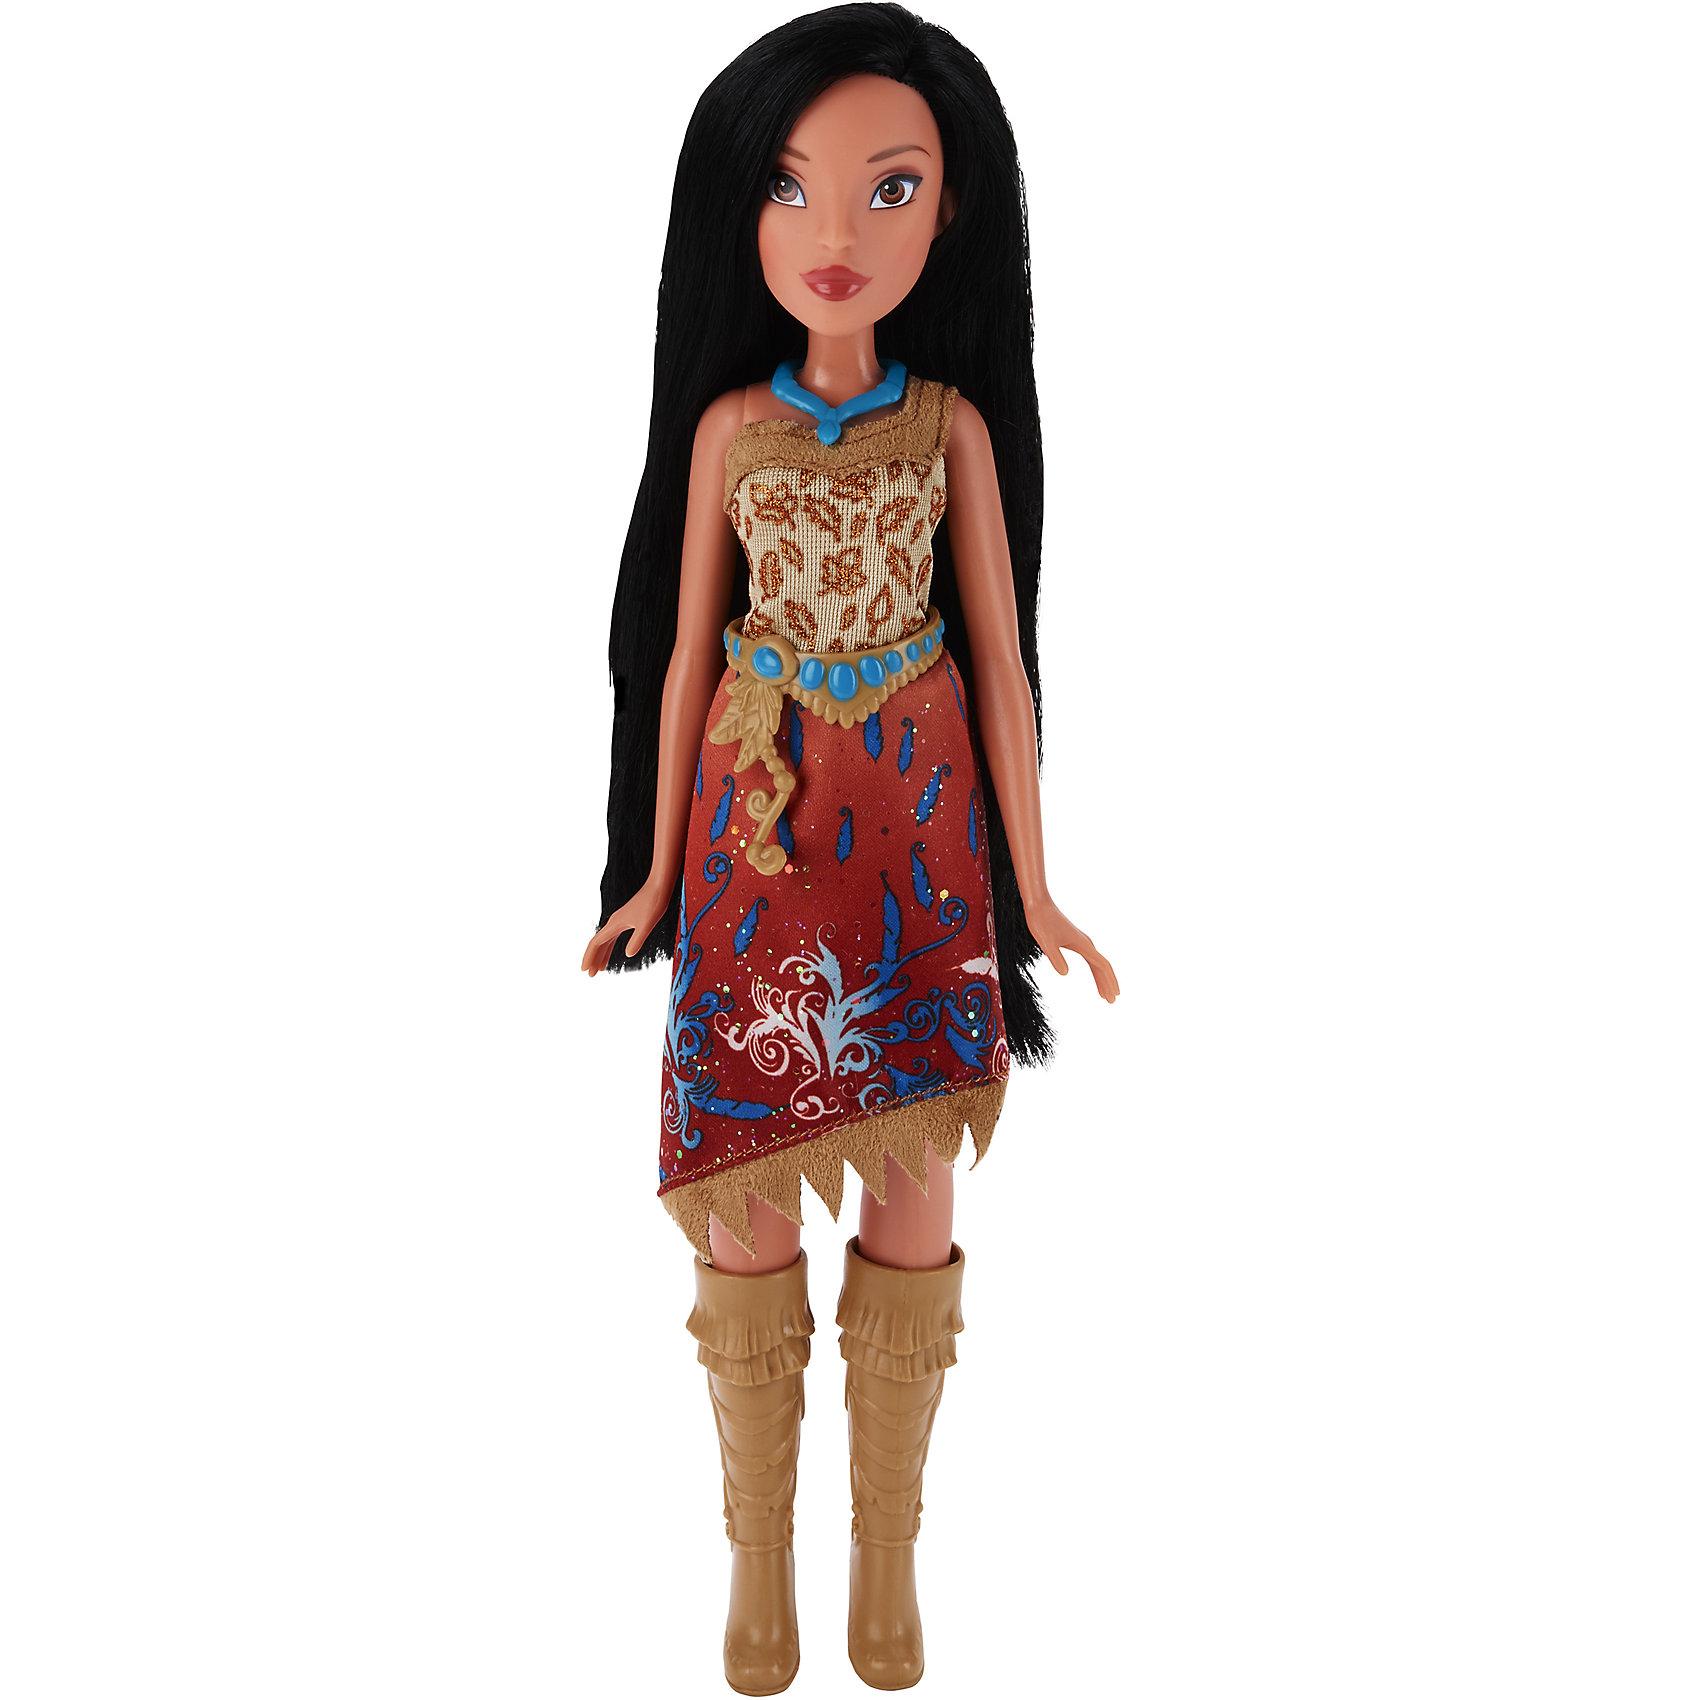 Кукла Принцесса Покахонтас, Принцессы Дисней, B6447/B5828Игрушки<br>Кукла Принцесса, Принцессы Дисней, B6447/B5828.<br><br>Характеристики:<br><br>- Материал: пластмасса, текстиль.<br>- Высота куклы: 28 см.<br>- Размер упаковки: 15х5х36 см.<br><br>Симпатичная кукла представлена в образе прекрасной принцессы Disney Покахонтас из одноименного мультипликационного сериала. Она одета в этническом стиле, платье с косым кроем подола и высокие сапожки в тон наряду. У Покахонтас смуглая кожа, милые черты лица и невероятно красивые черные волосы, которые можно расчесывать и заплетать. Подвижные ручки, ножки и голова позволяют Покахонтас принимать множество реалистичных поз. Очаровательная детализированная кукла приведет в восторг вашу малышку и отлично дополнит ее коллекцию диснеевских принцесс.<br><br>Куклу Принцесса, Принцессы Дисней, B6447/B5828 можно купить в нашем интернет-магазине.<br><br>Ширина мм: 51<br>Глубина мм: 152<br>Высота мм: 860<br>Вес г: 144<br>Возраст от месяцев: 36<br>Возраст до месяцев: 144<br>Пол: Женский<br>Возраст: Детский<br>SKU: 5064741